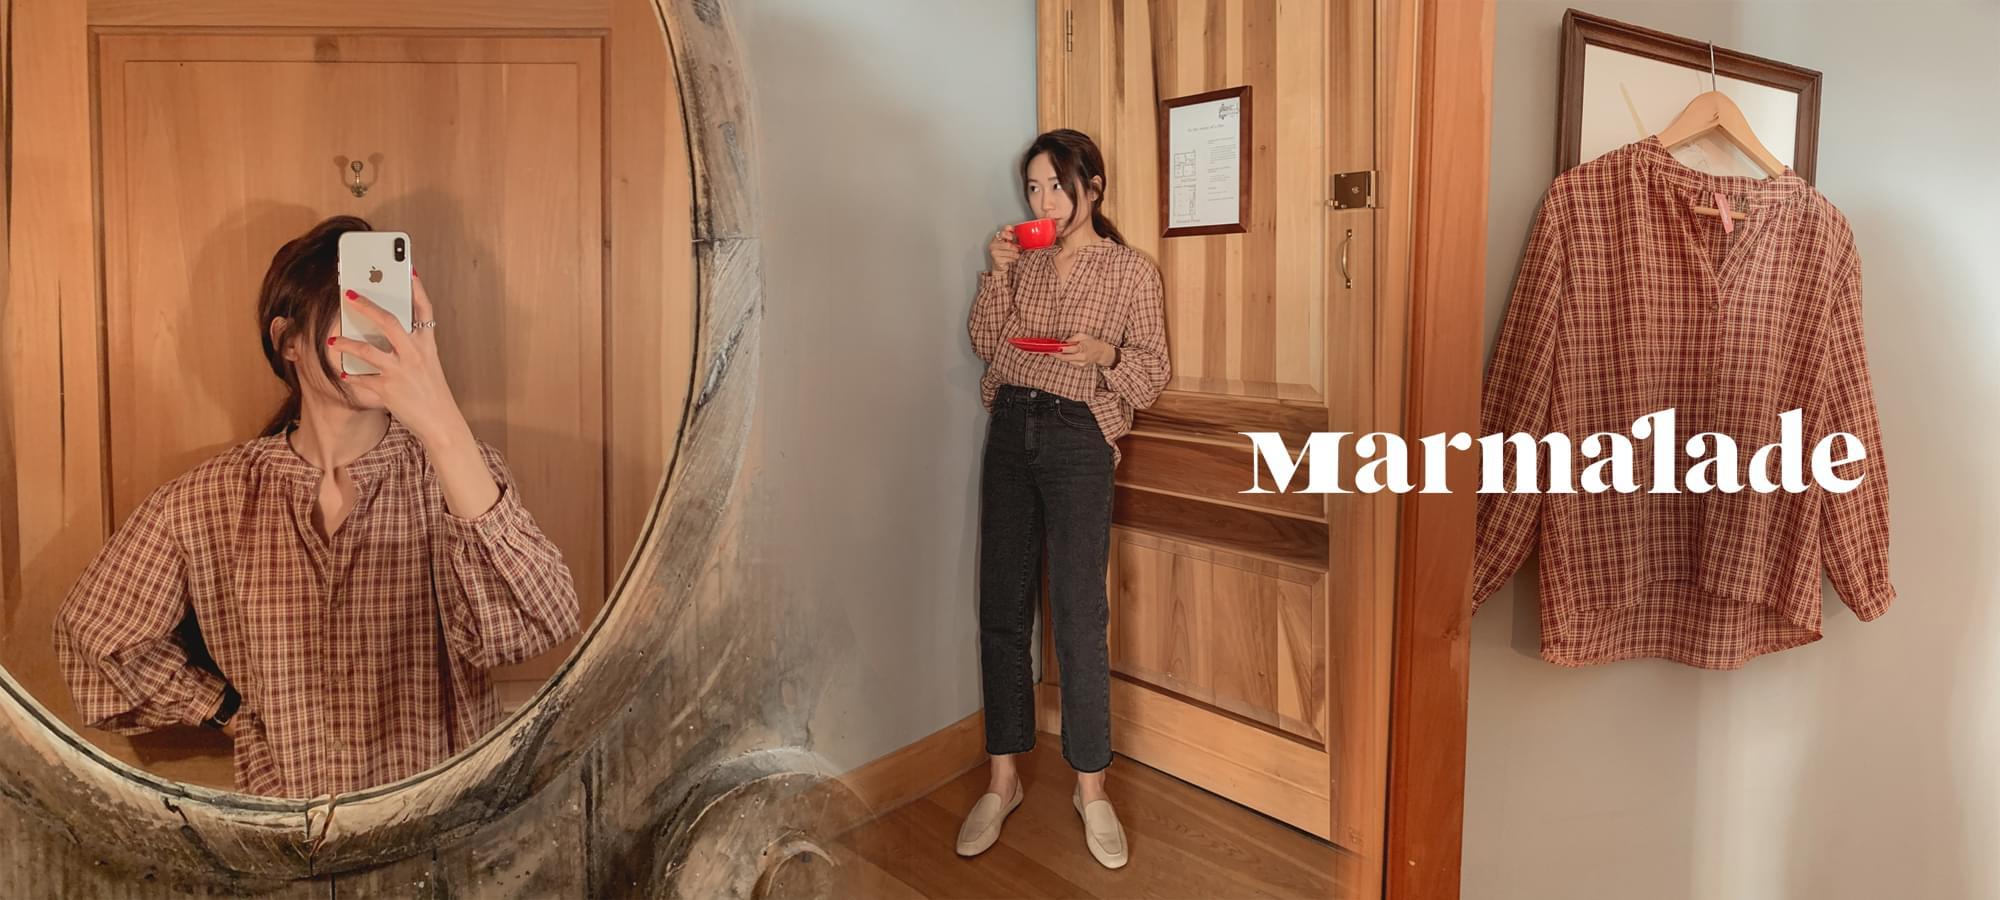 Marmalade ♥ .flat check blouse